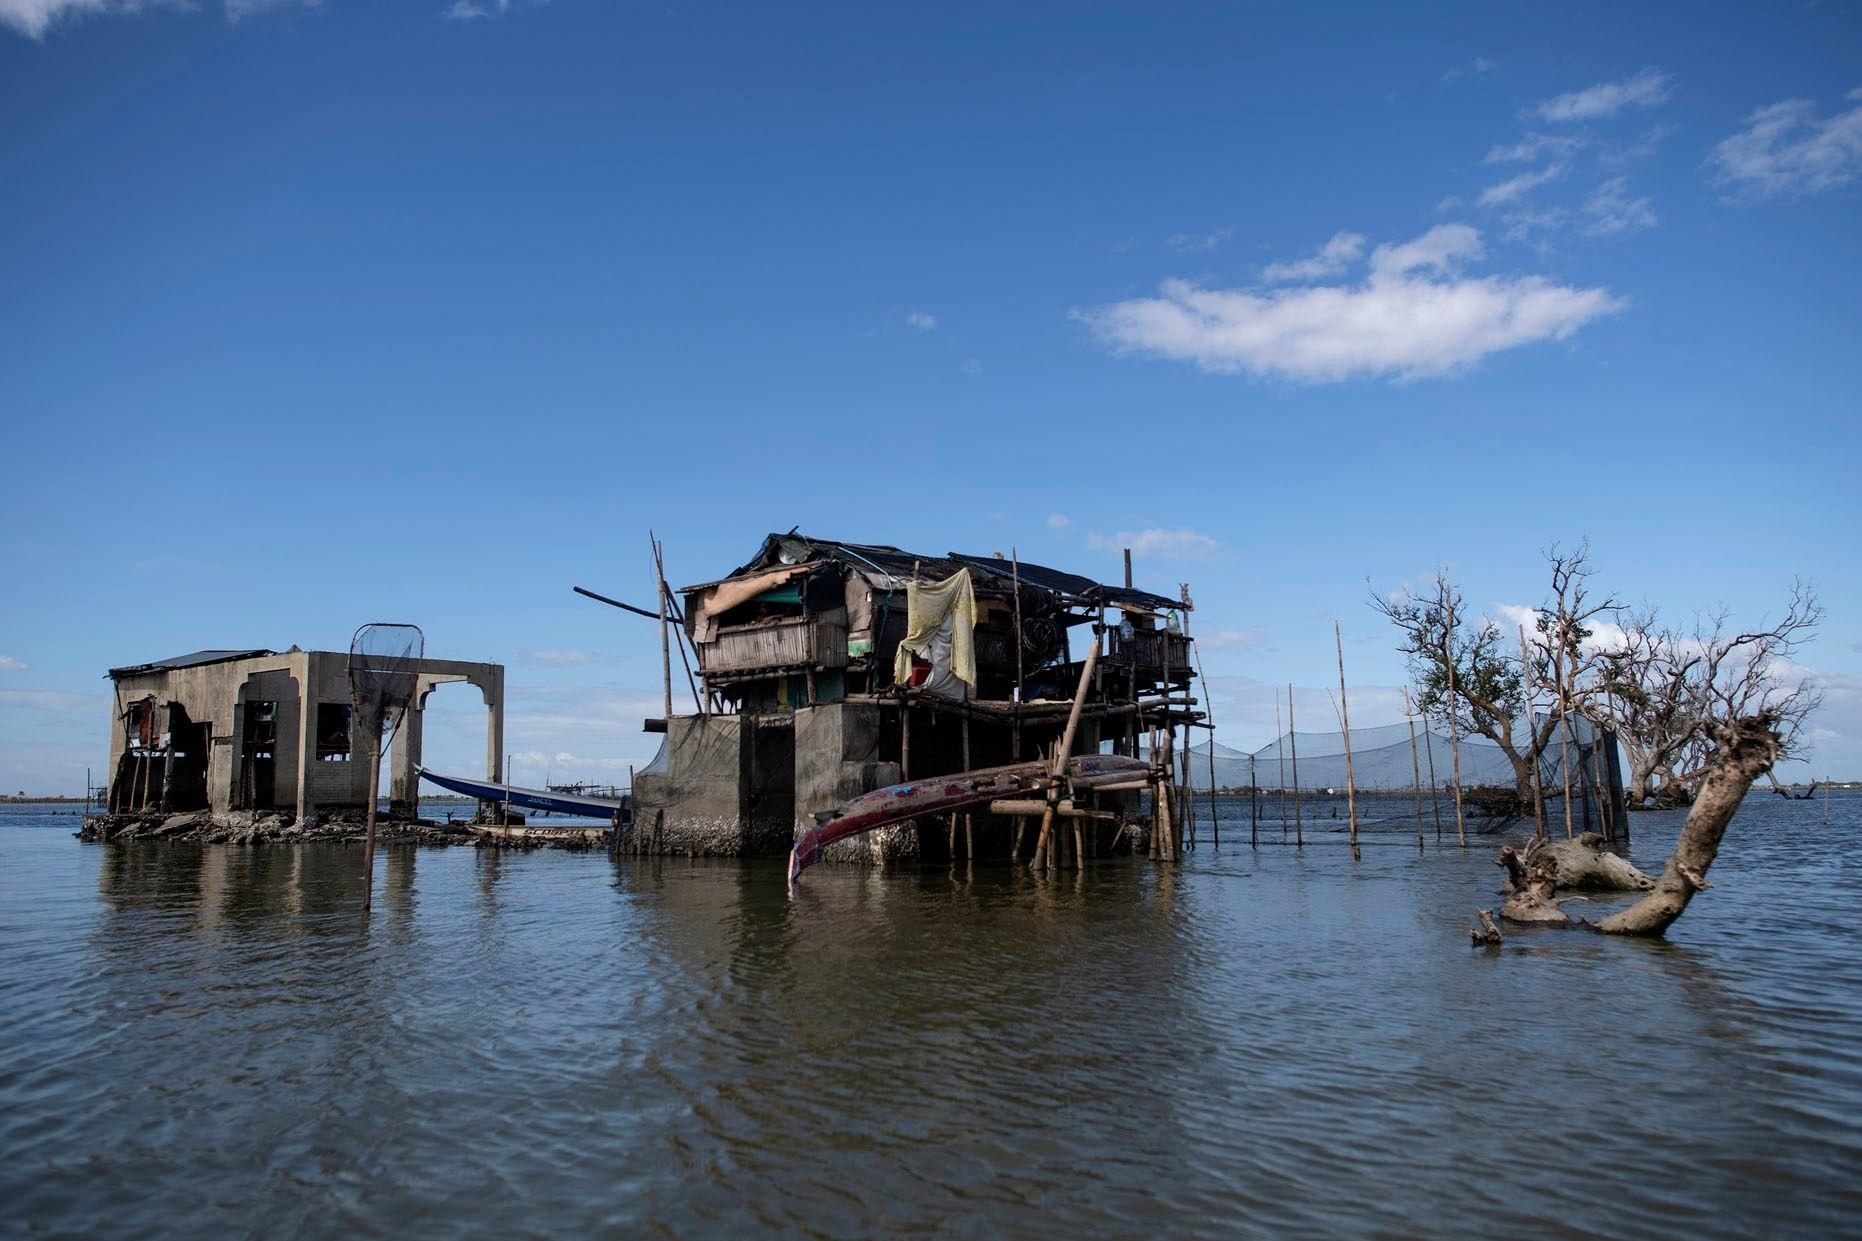 Sitio Pariahan aux Philippines, AFP